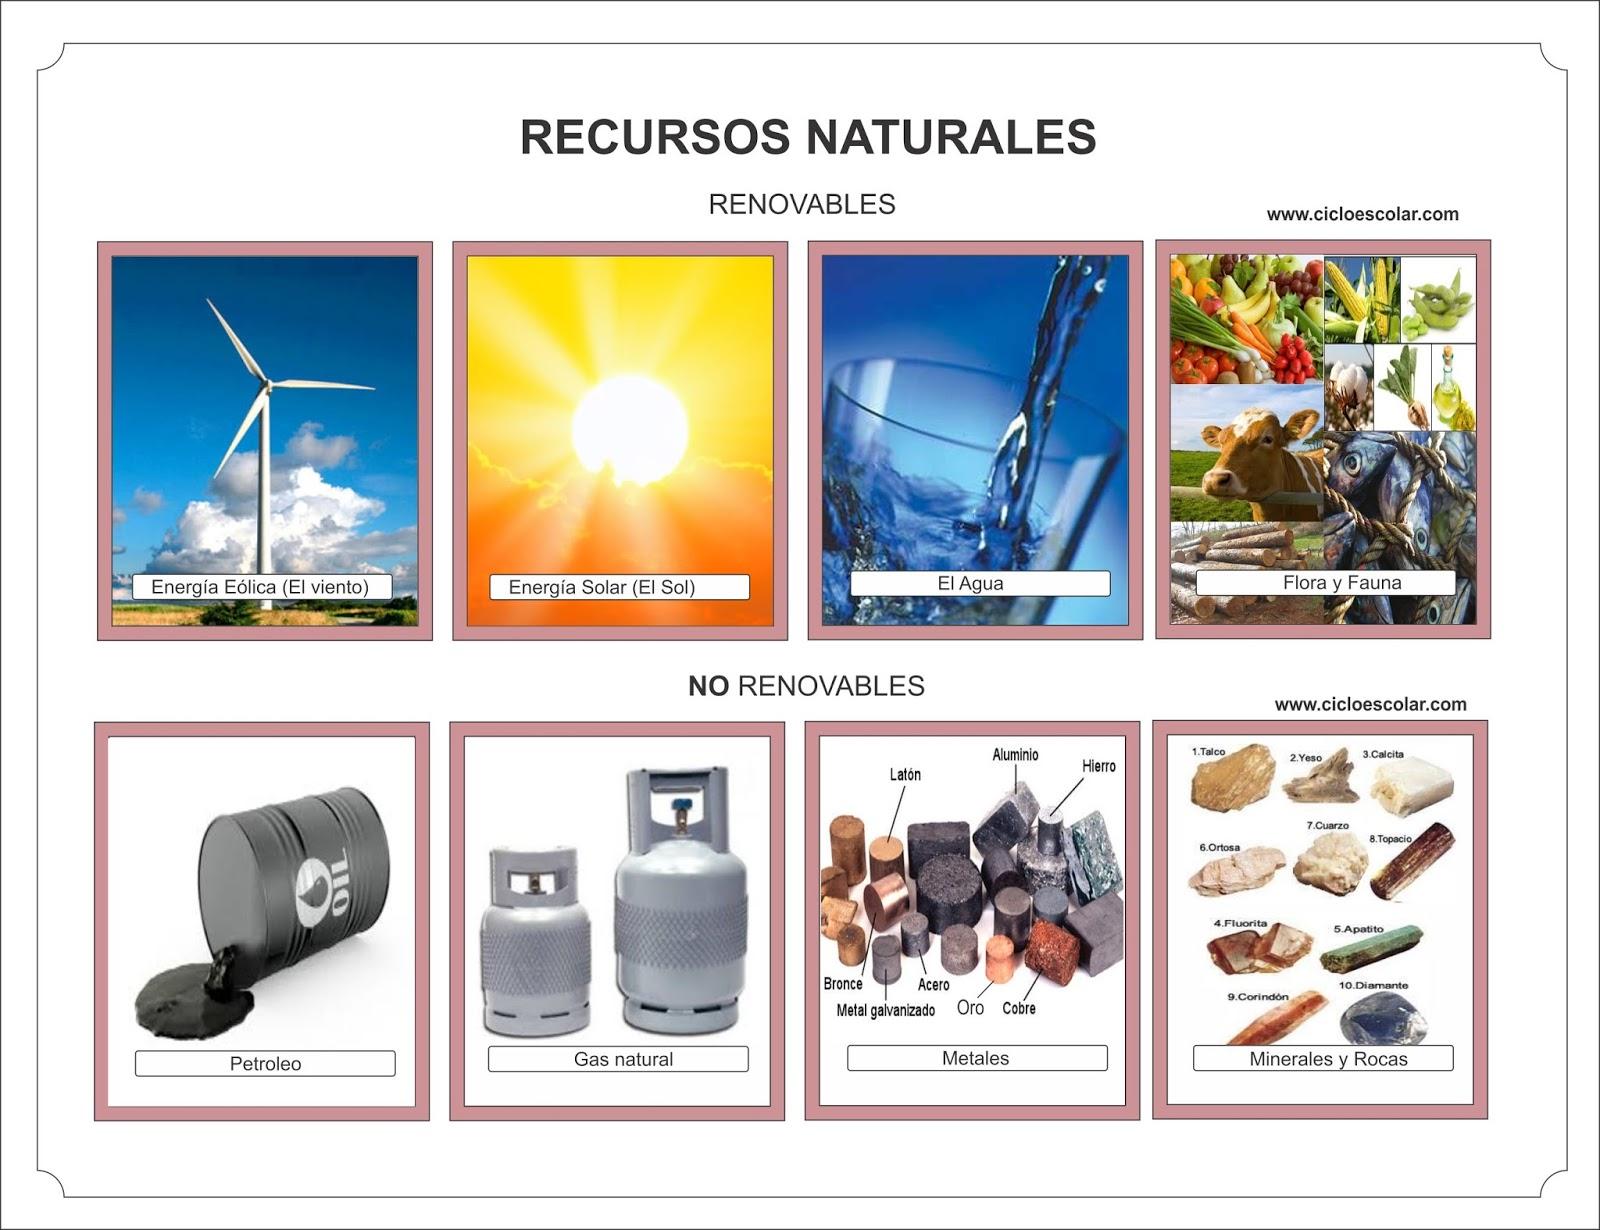 Recursos naturales: Renovables y No renovables - Definición y ...